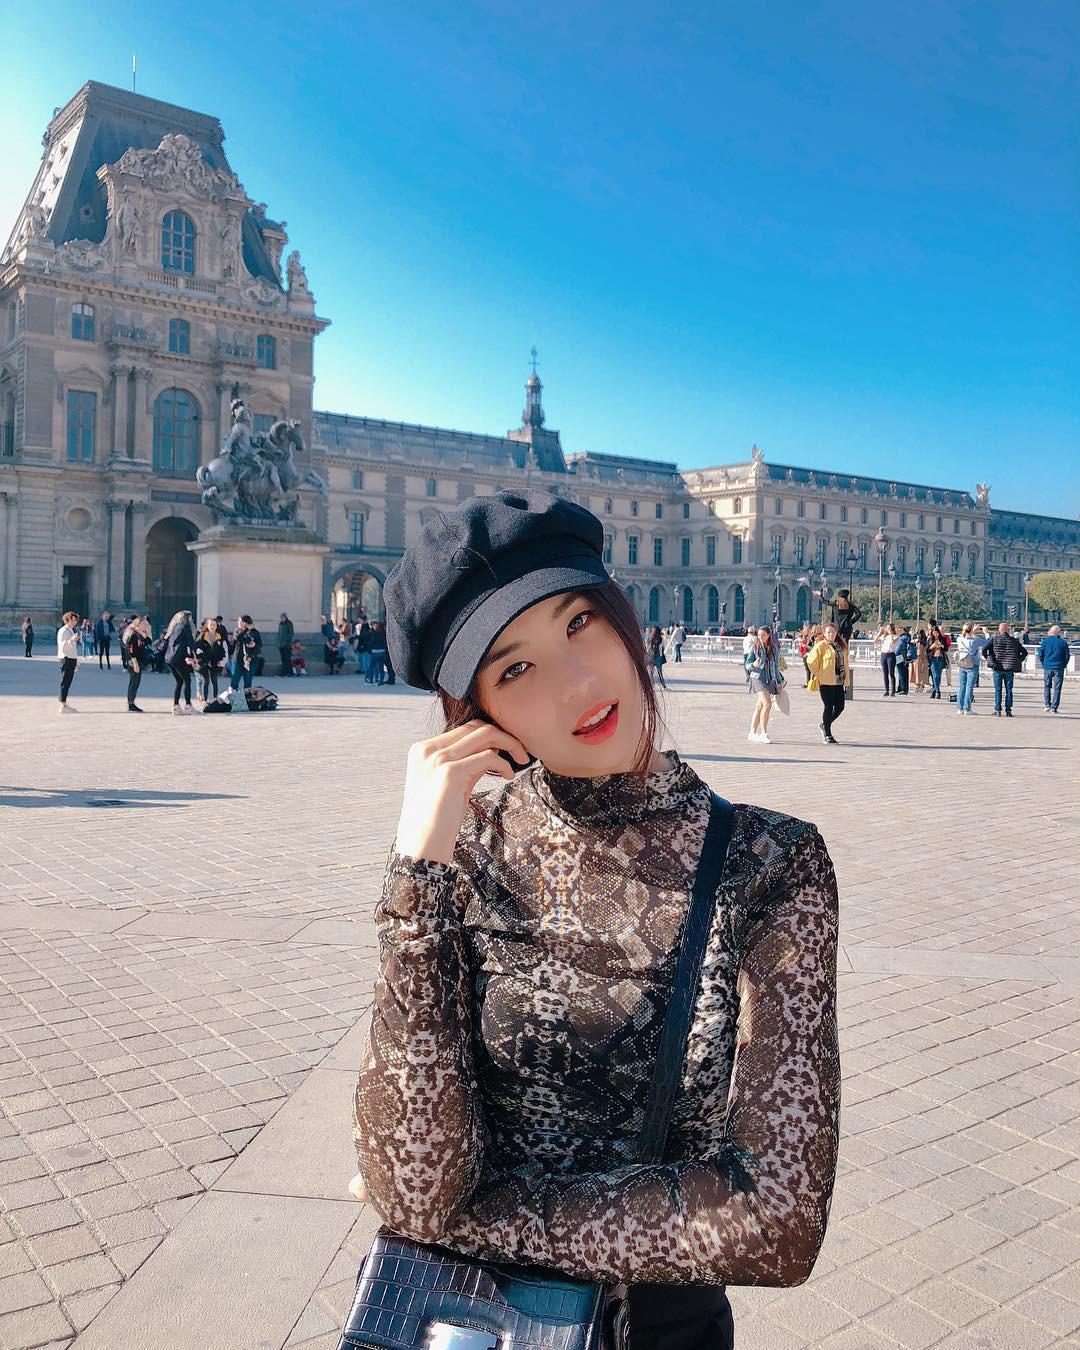 Tân Hoa hậu Hàn Quốc 2019: makeup càng nhạt lại càng xinh, nổi bật nhất là khi lên đồ đơn giản - Ảnh 9.